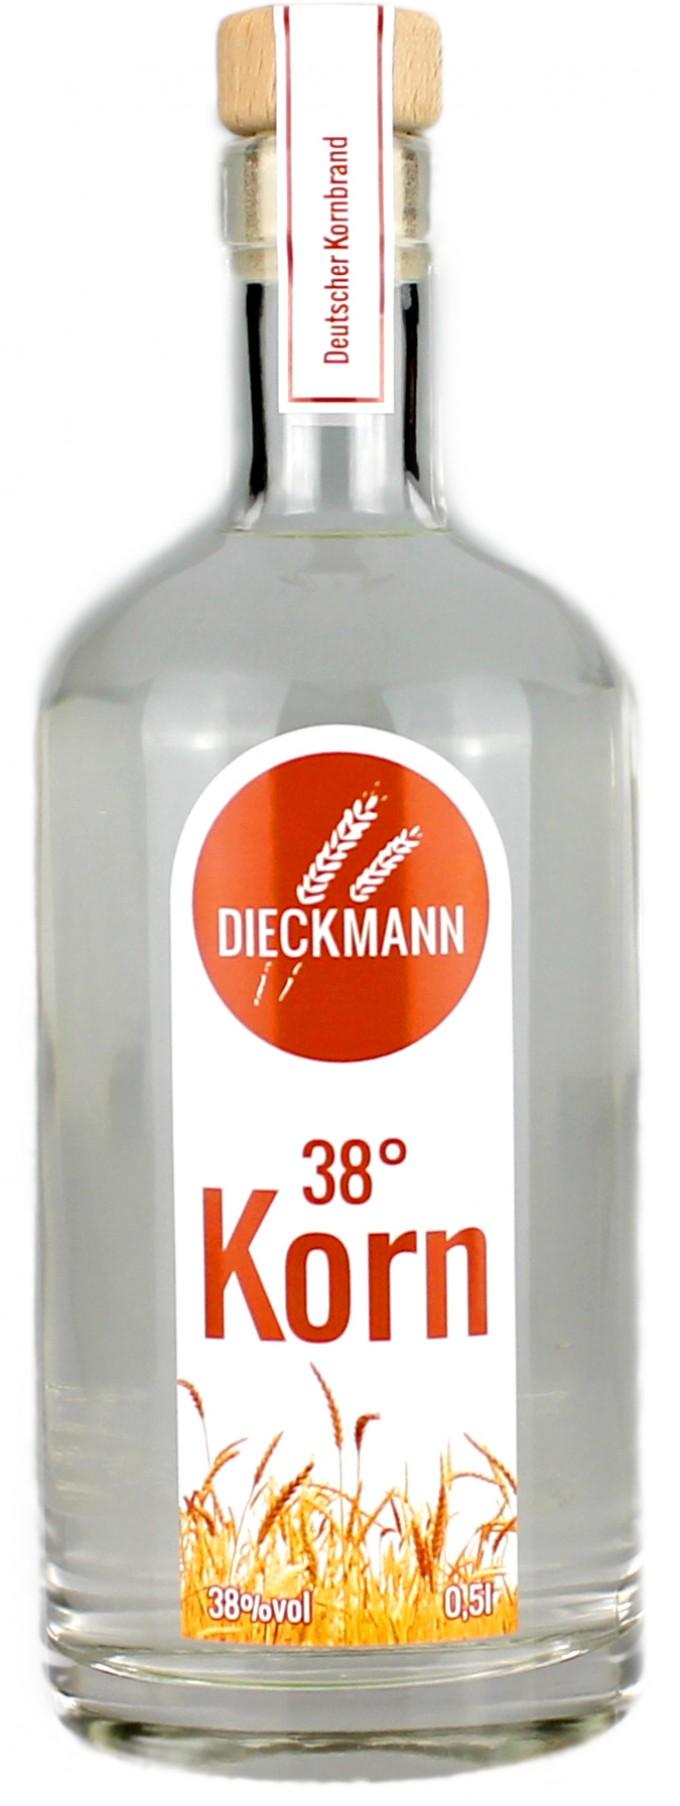 Weizenbrennerei & Likörmanufaktur Dieckmann Korn 38° 0,5l